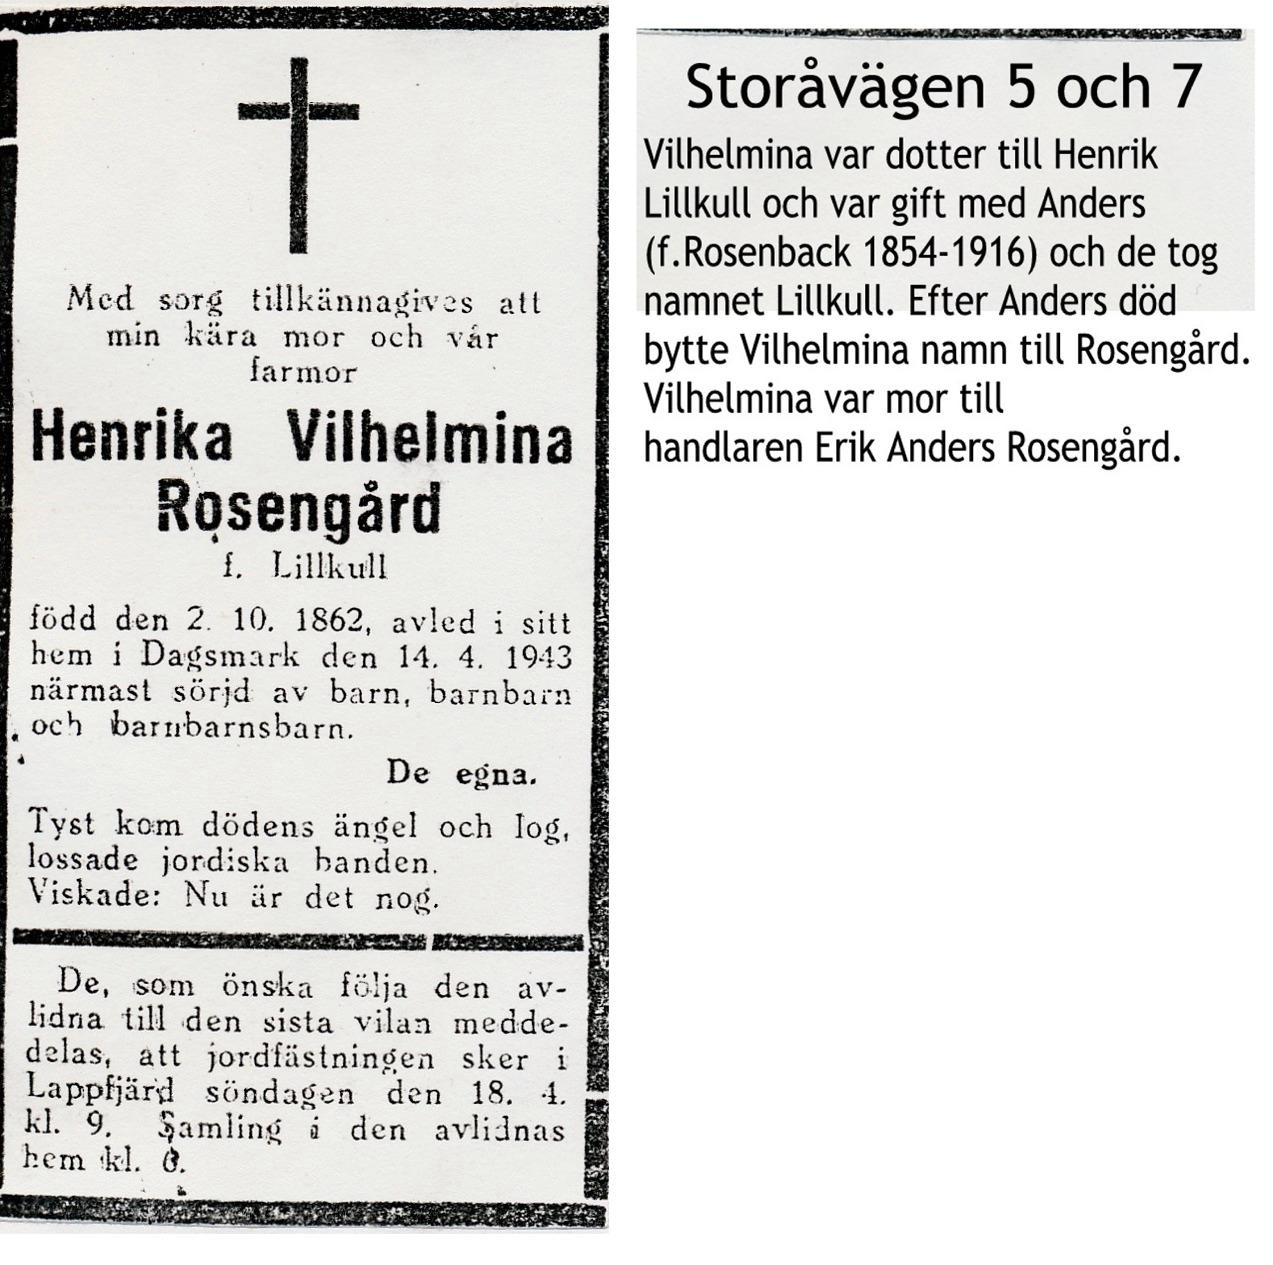 Rosengård Vilhelmina